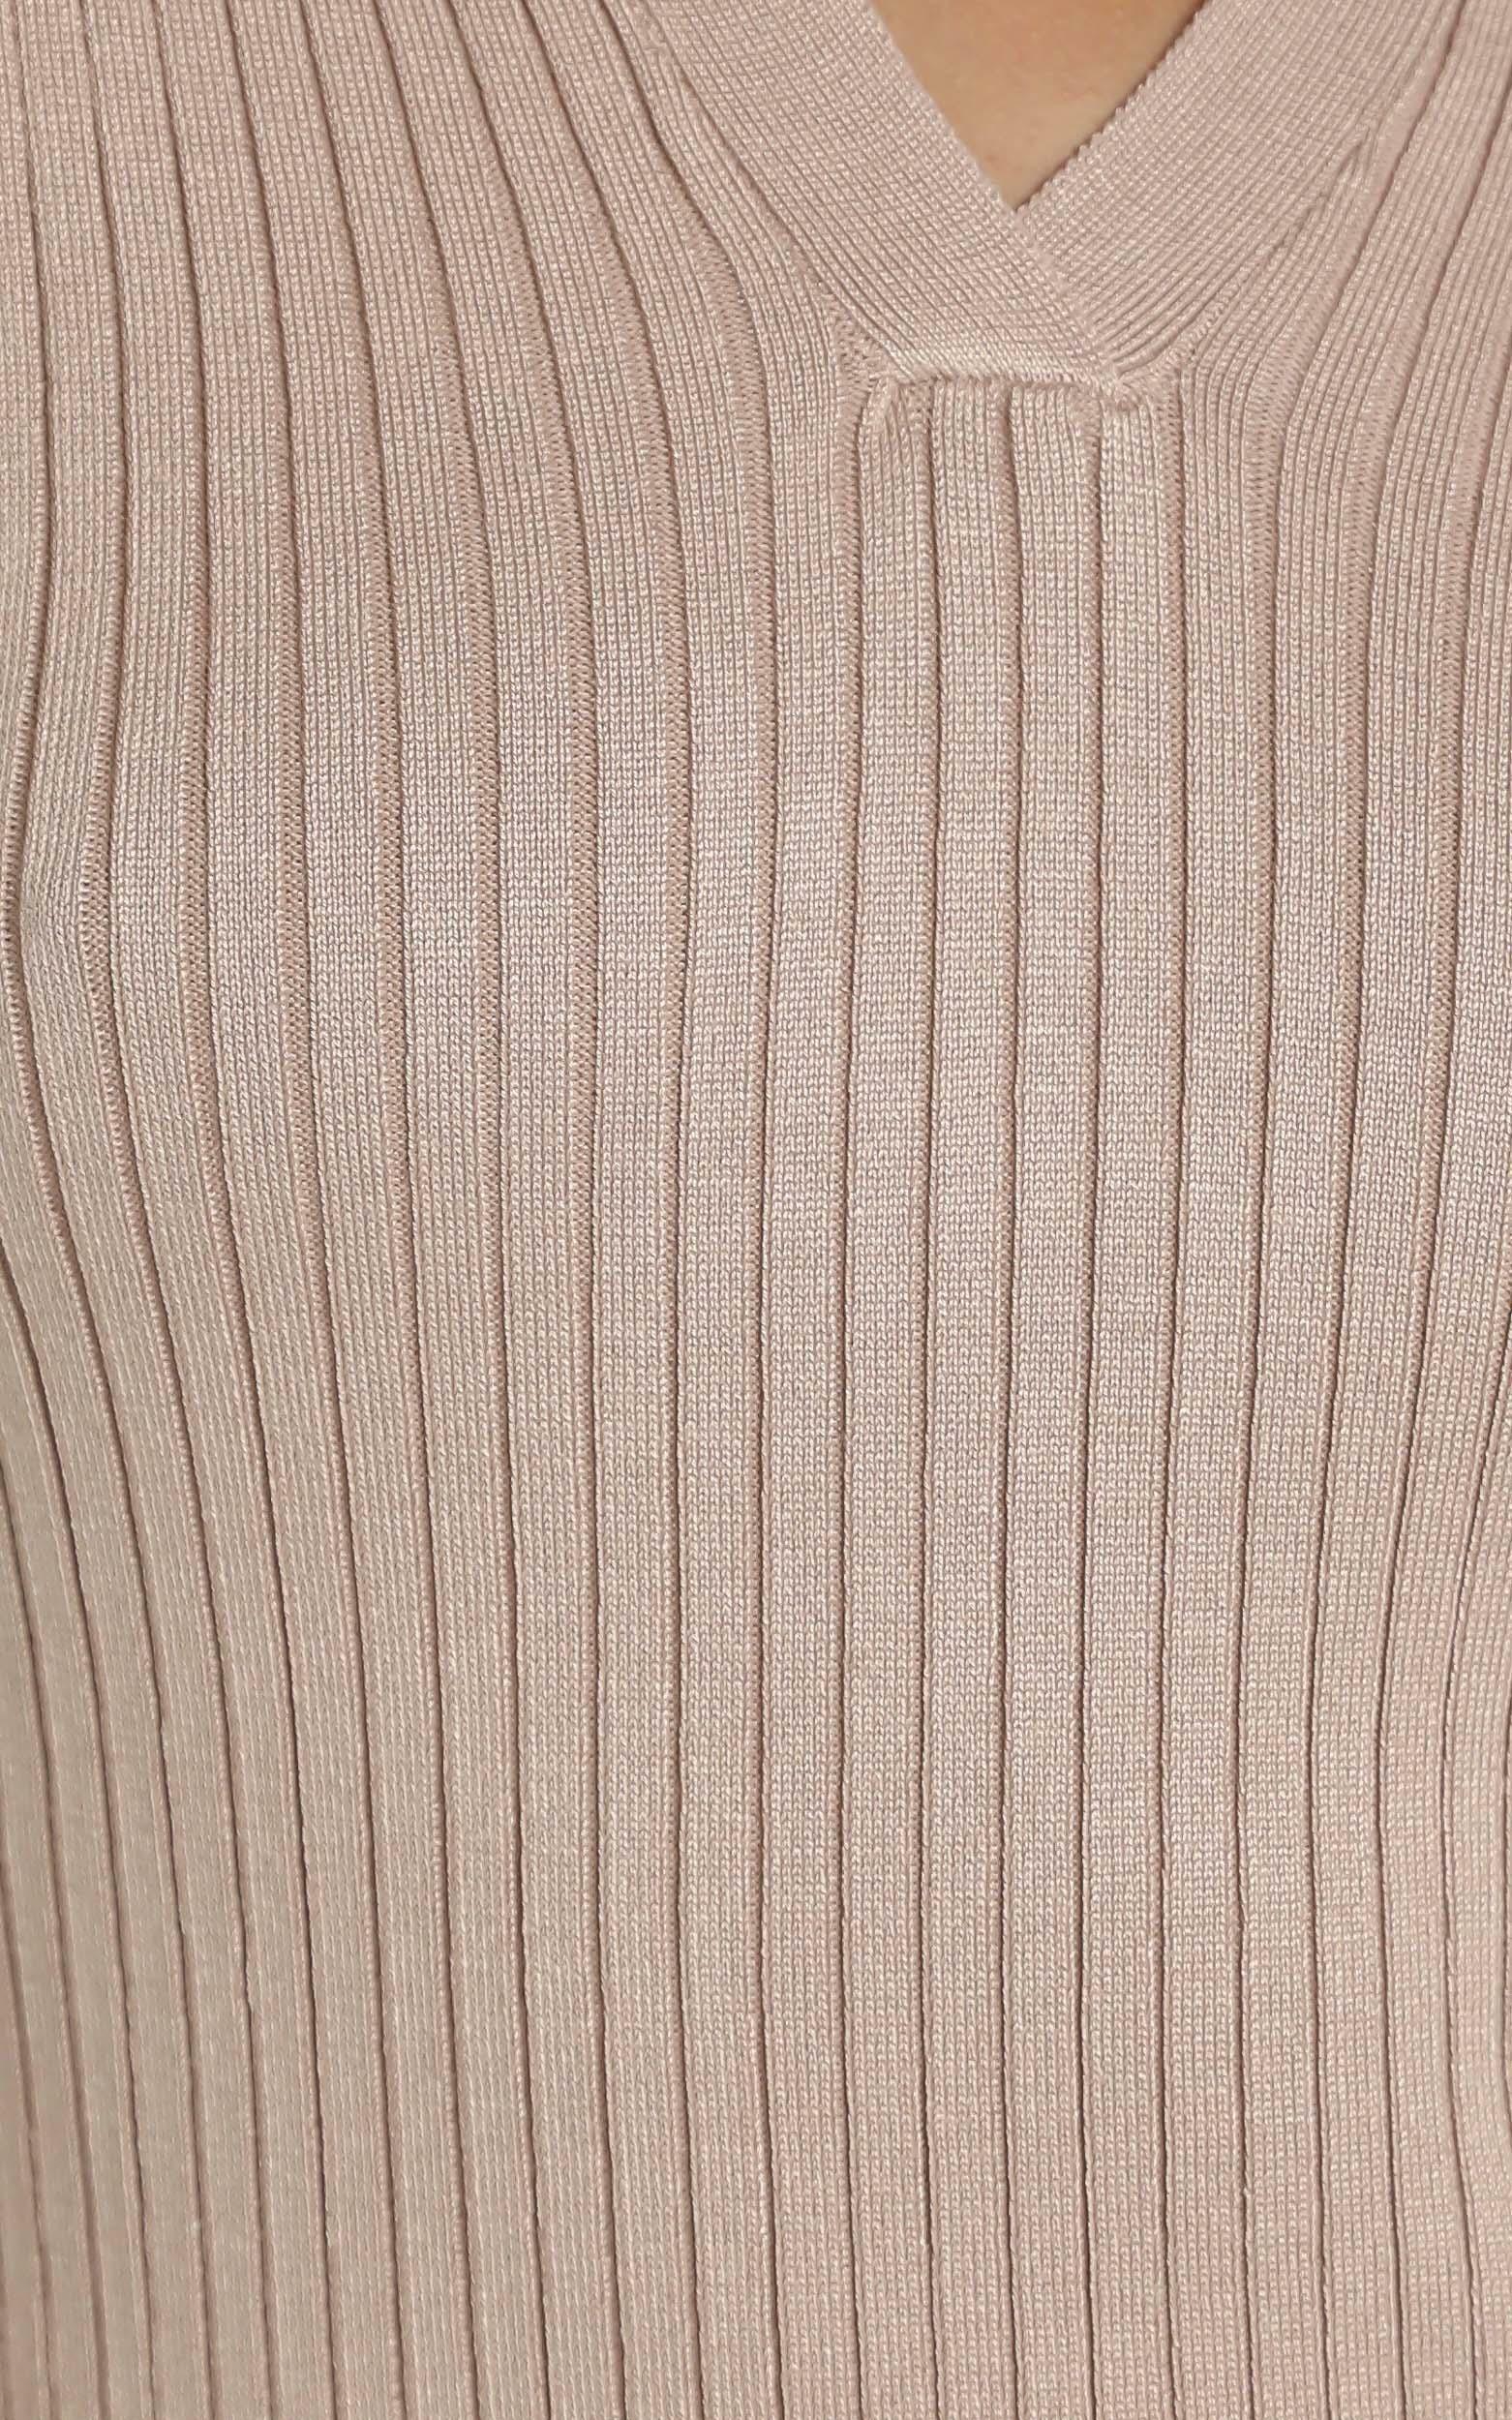 Svetlana Dress in Tan - 12 (L), Tan, hi-res image number null